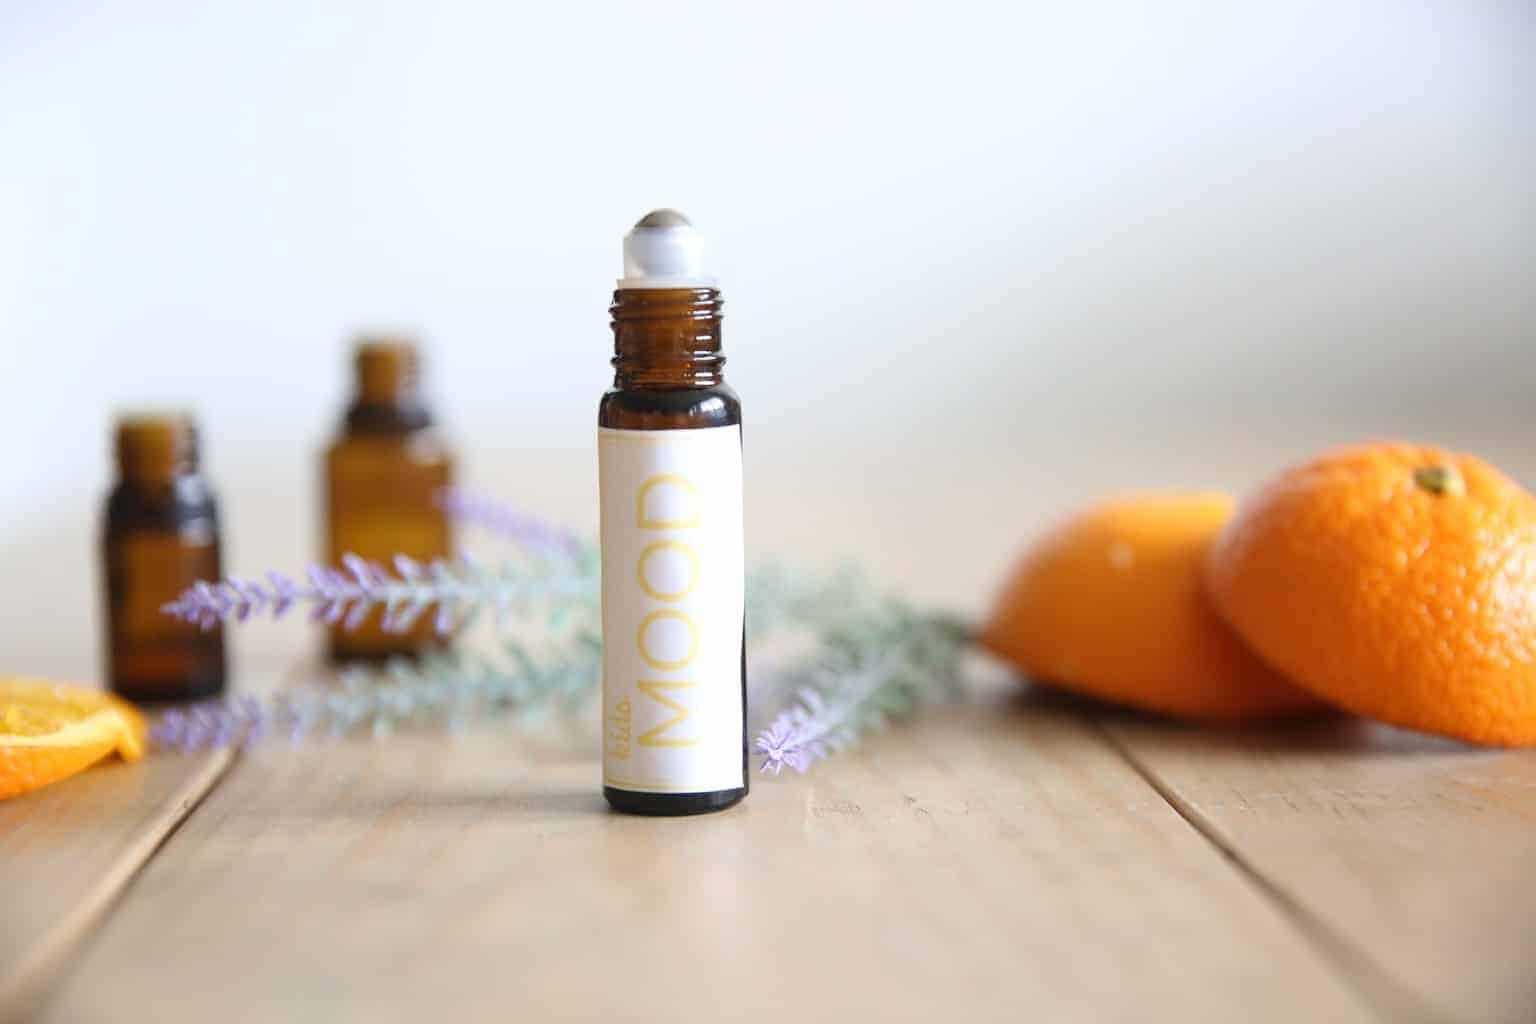 top 6 roller bottles for kids mood natural solutions diy homemade essential oils natural solutions for kids citrus essential oils